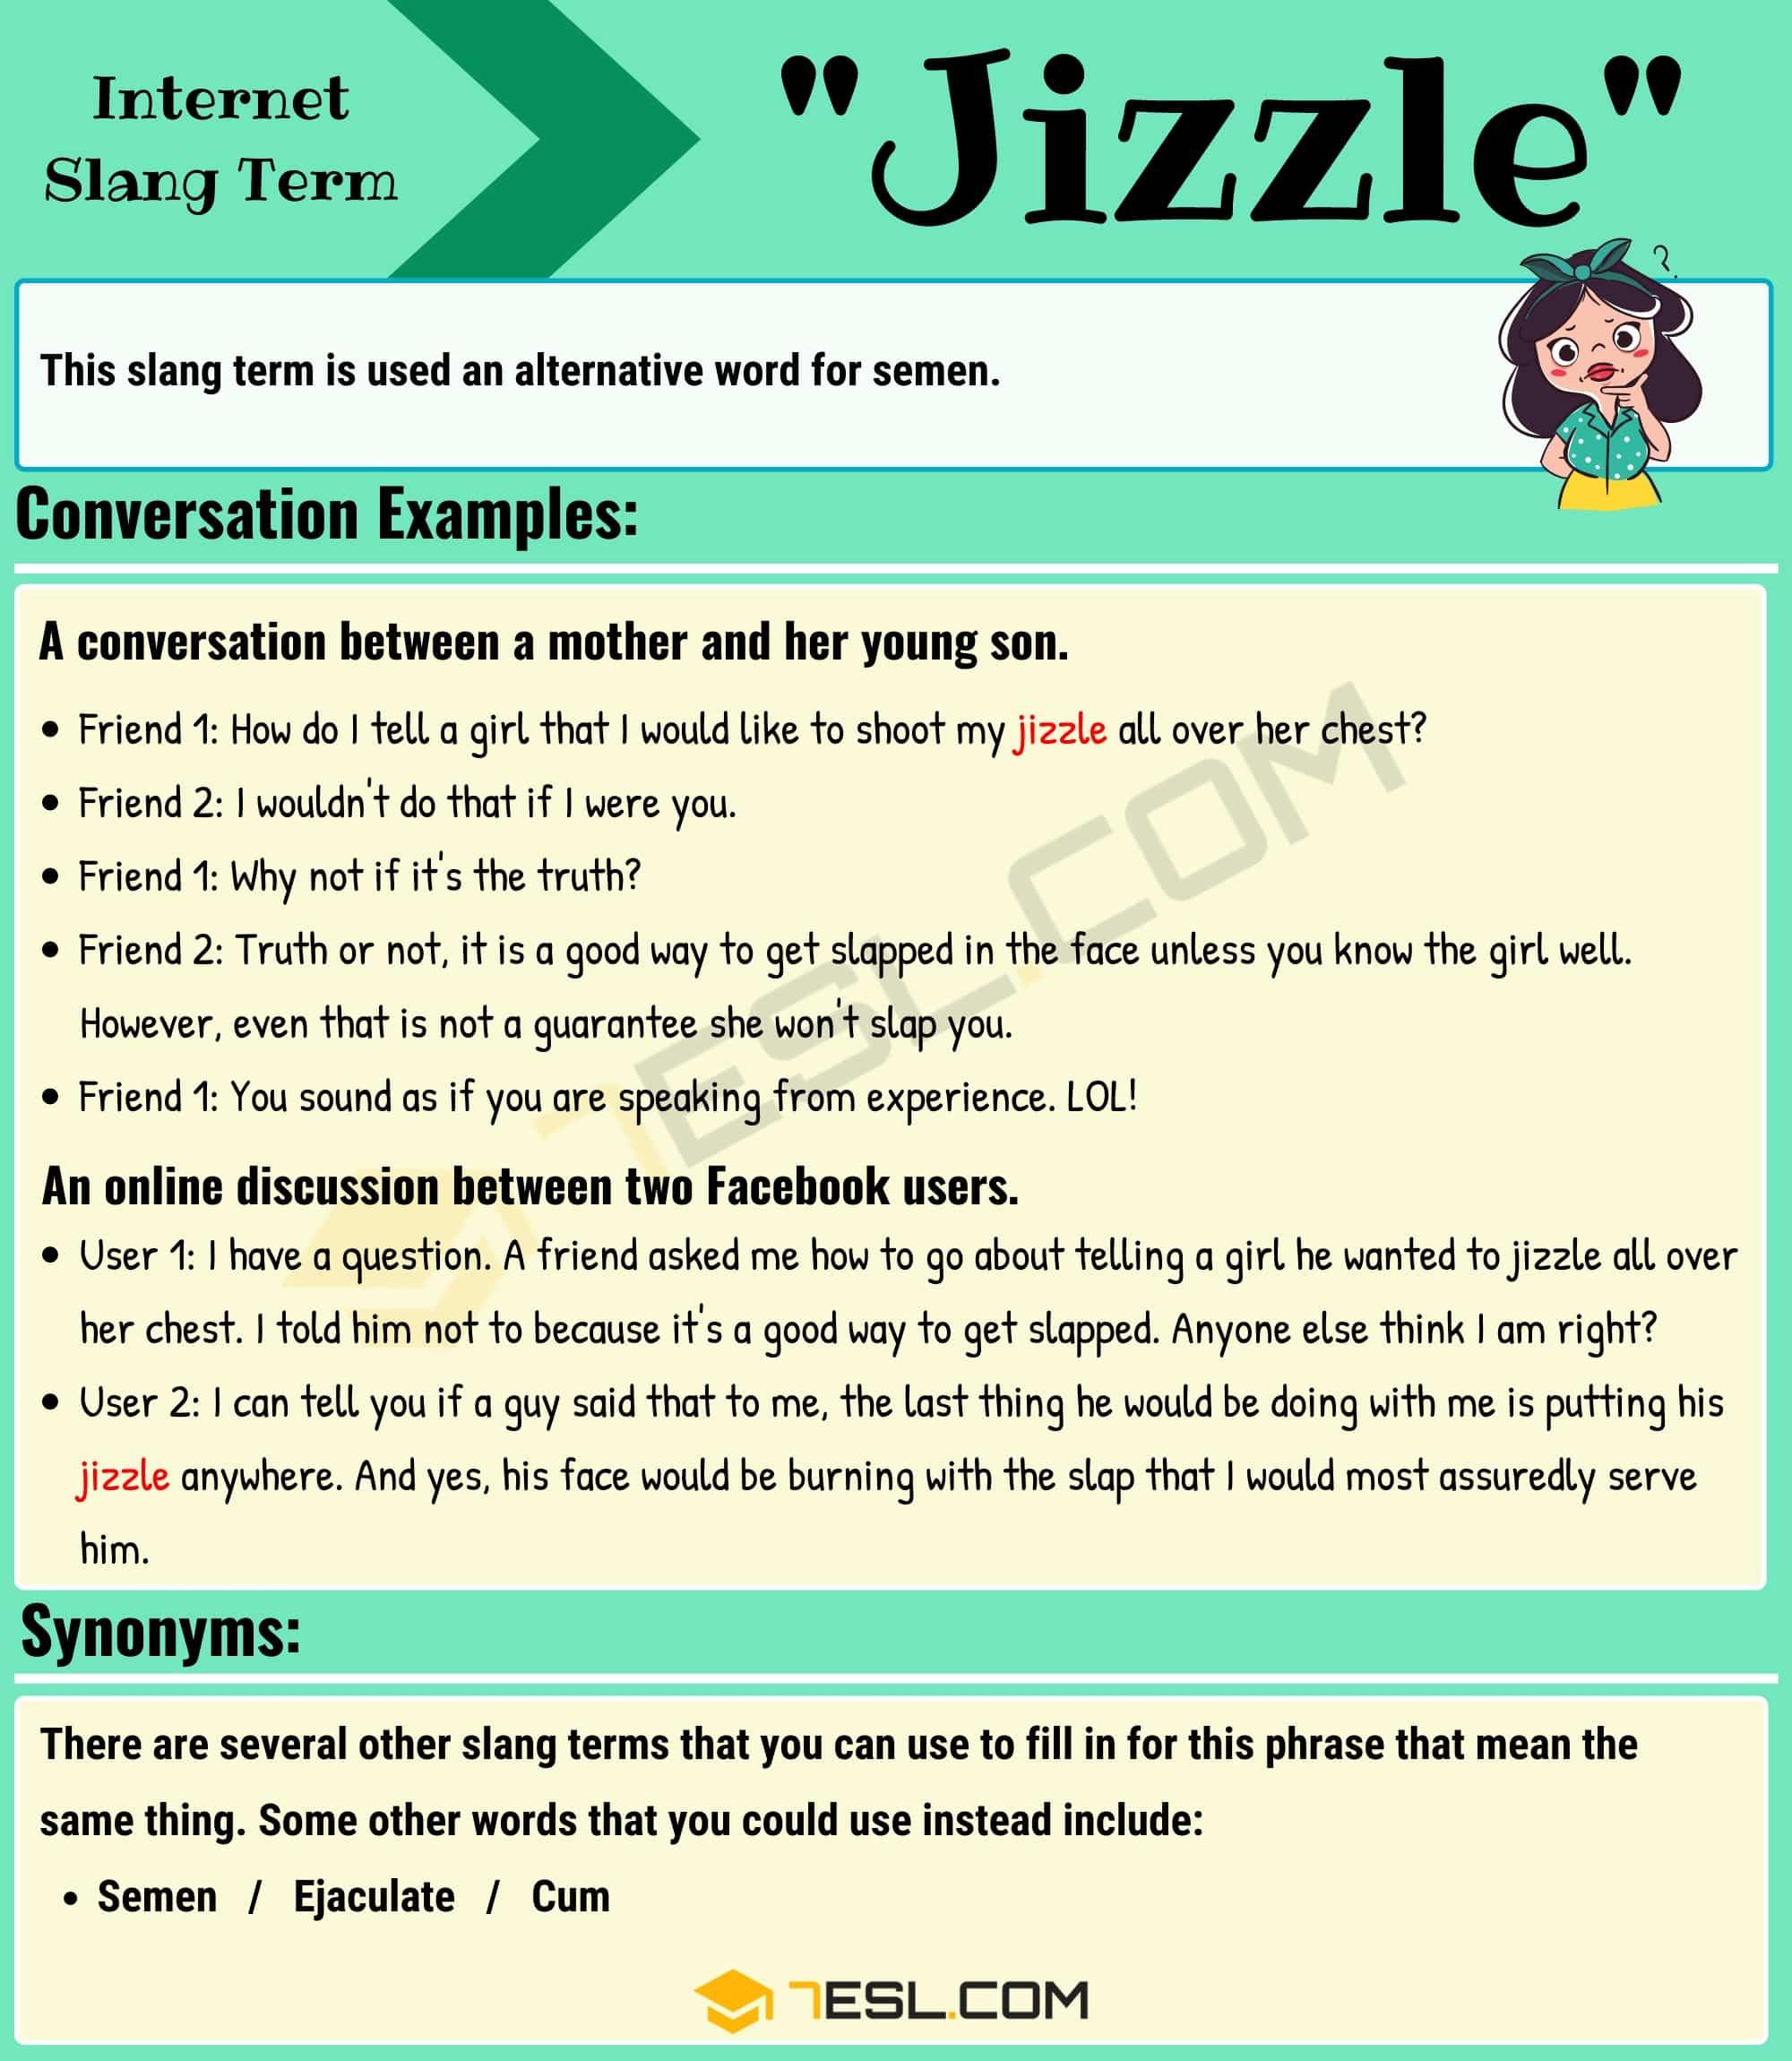 Jizzle